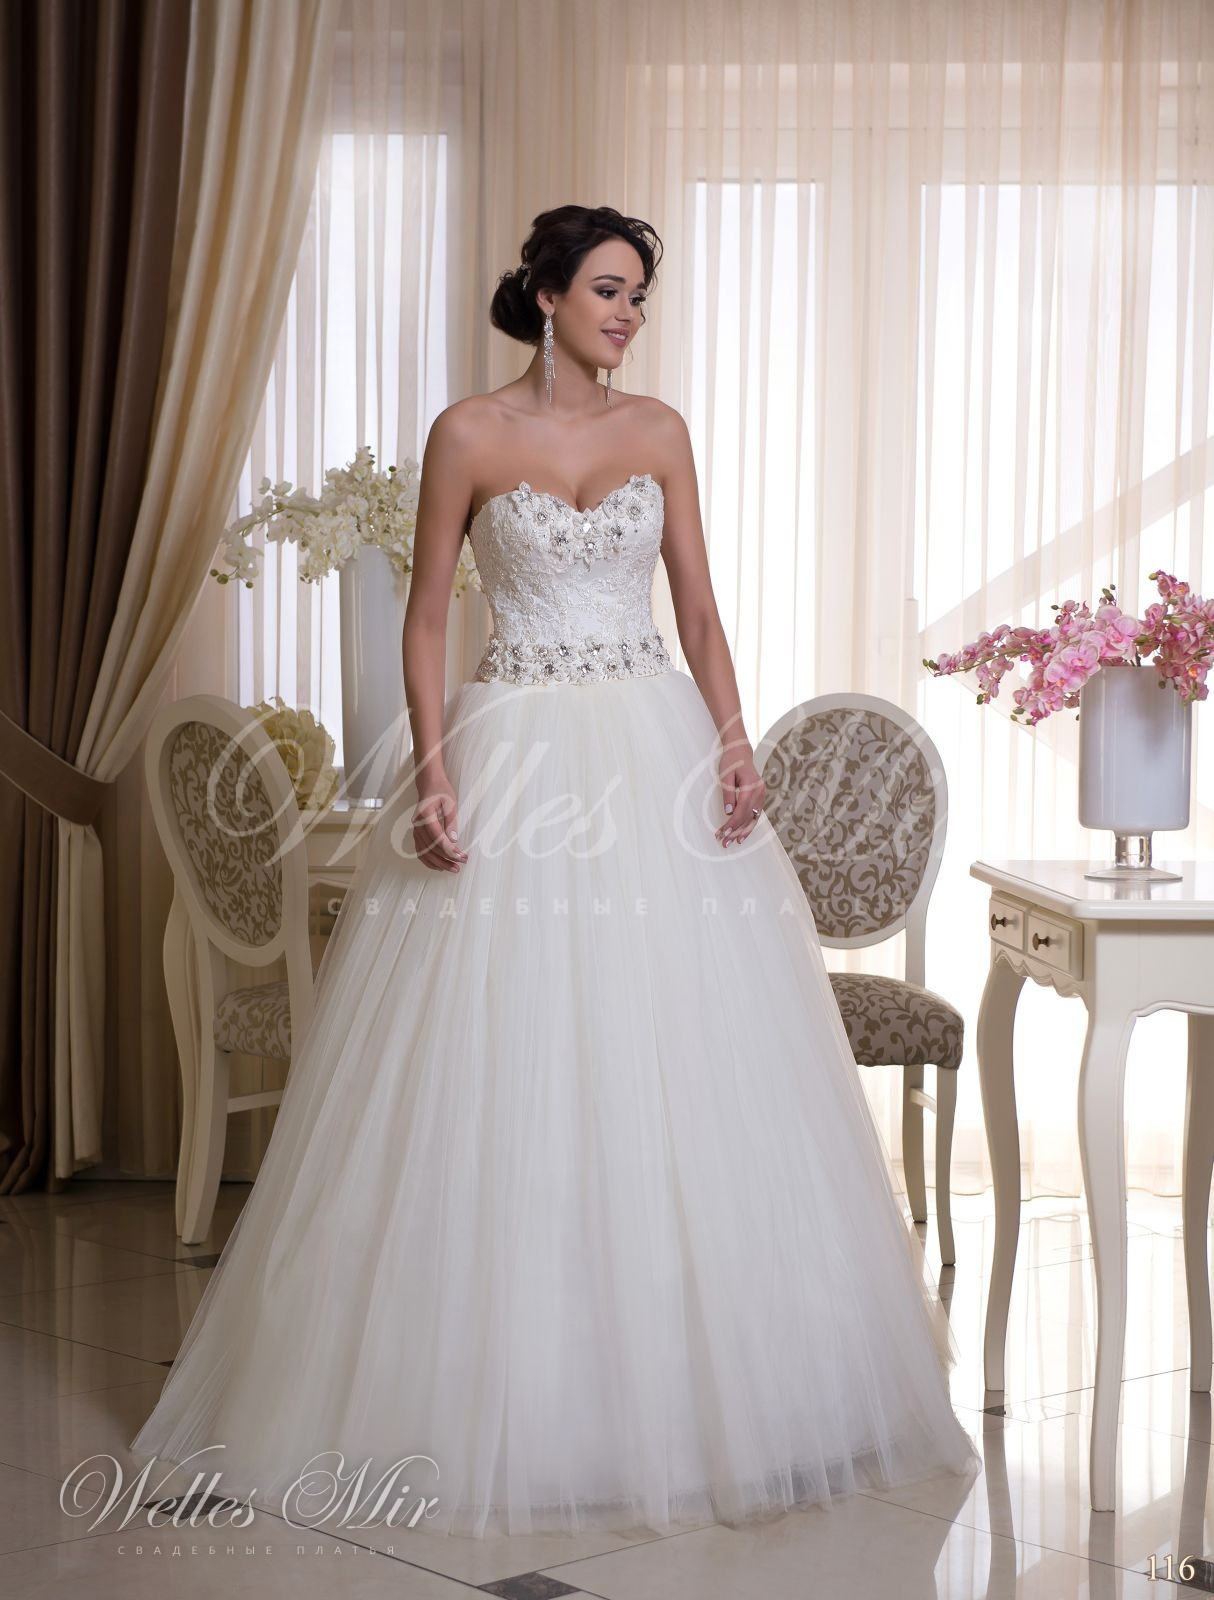 Свадебные платья Charming Elegance - 116